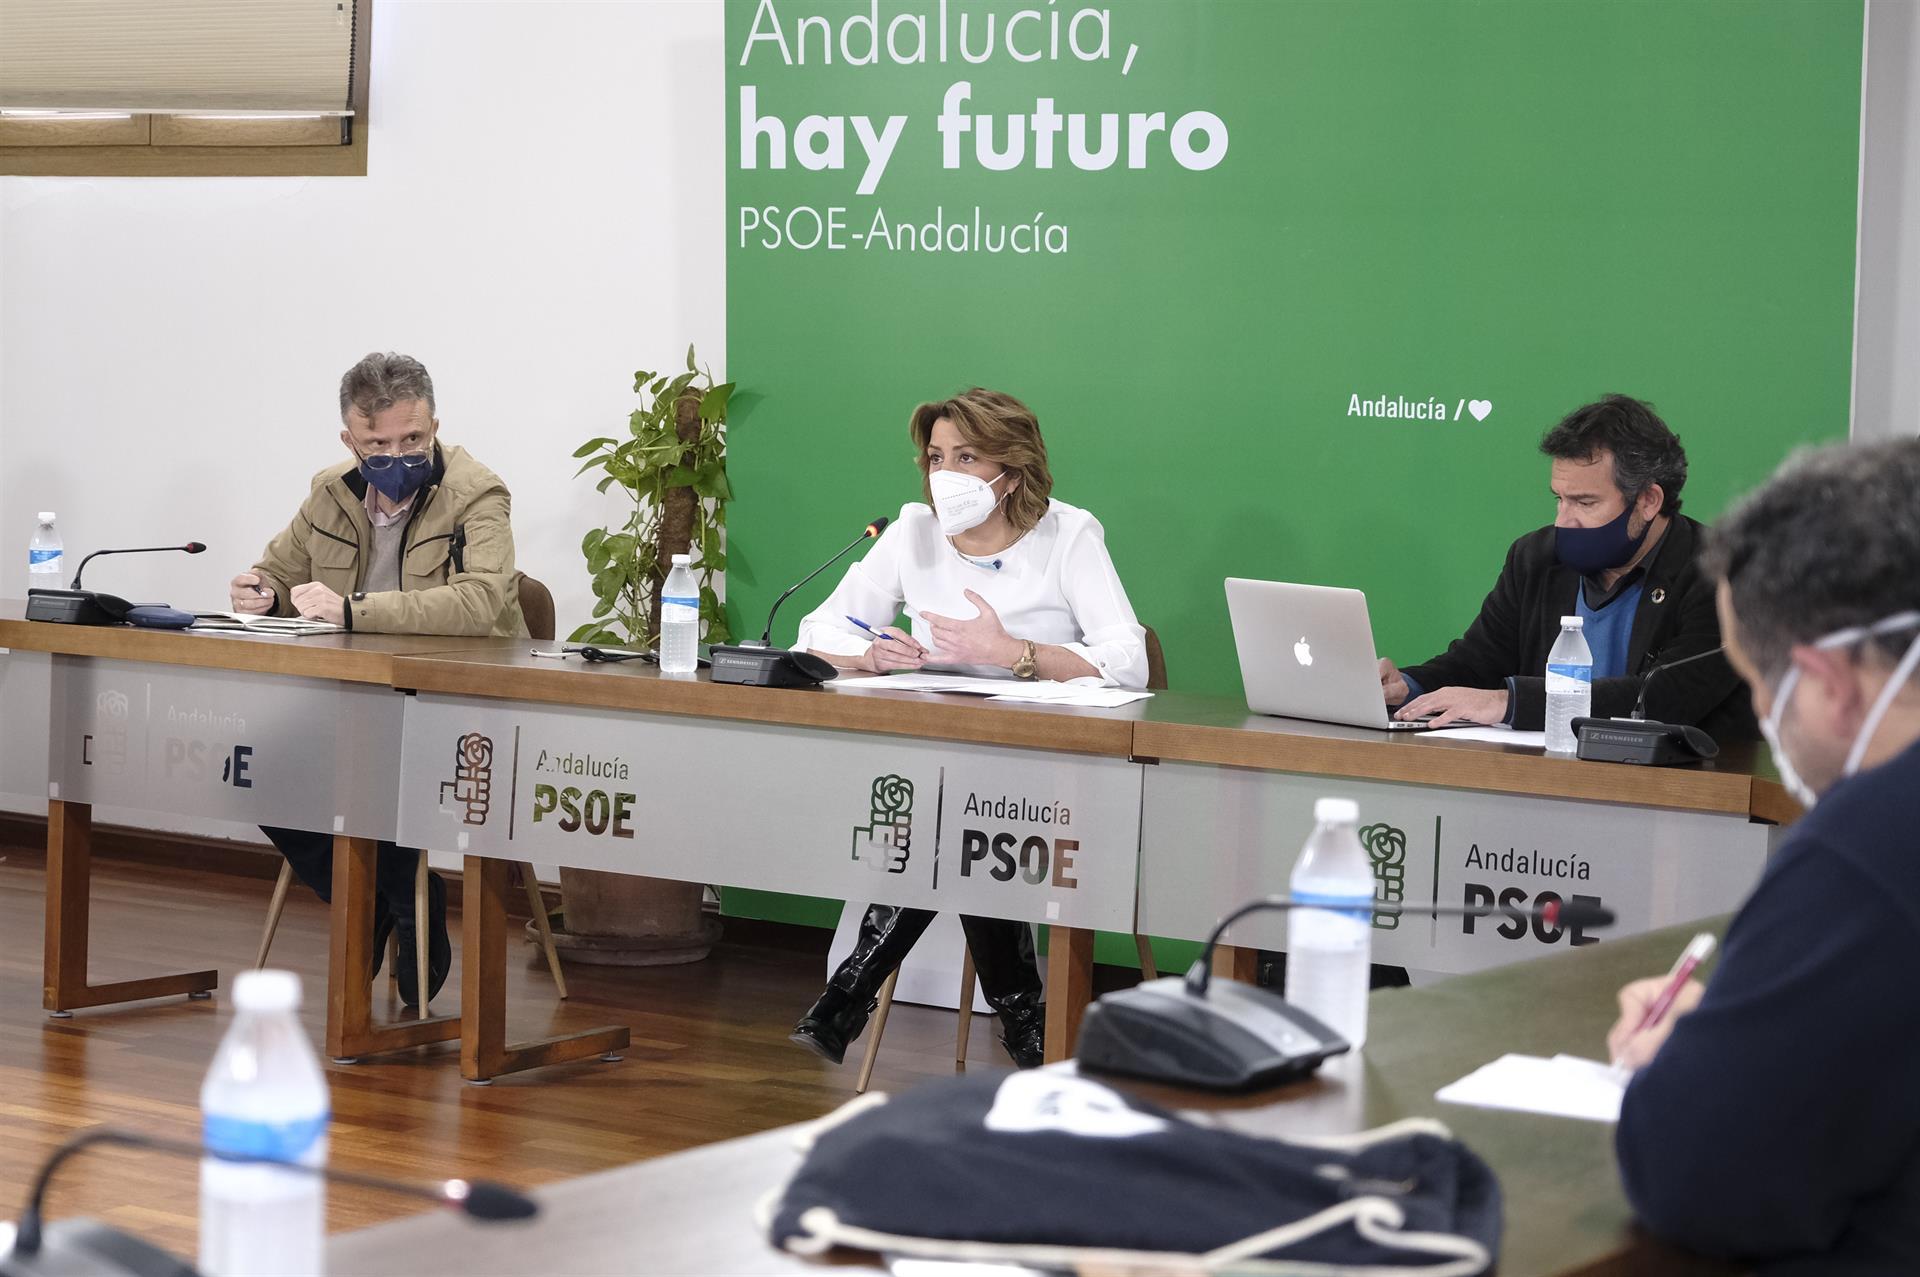 PSOE-A ganaría las autonómicas con 38-40 escaños, pero PP-A, Vox y Cs volverían a sumar mayoría absoluta según un sondeo